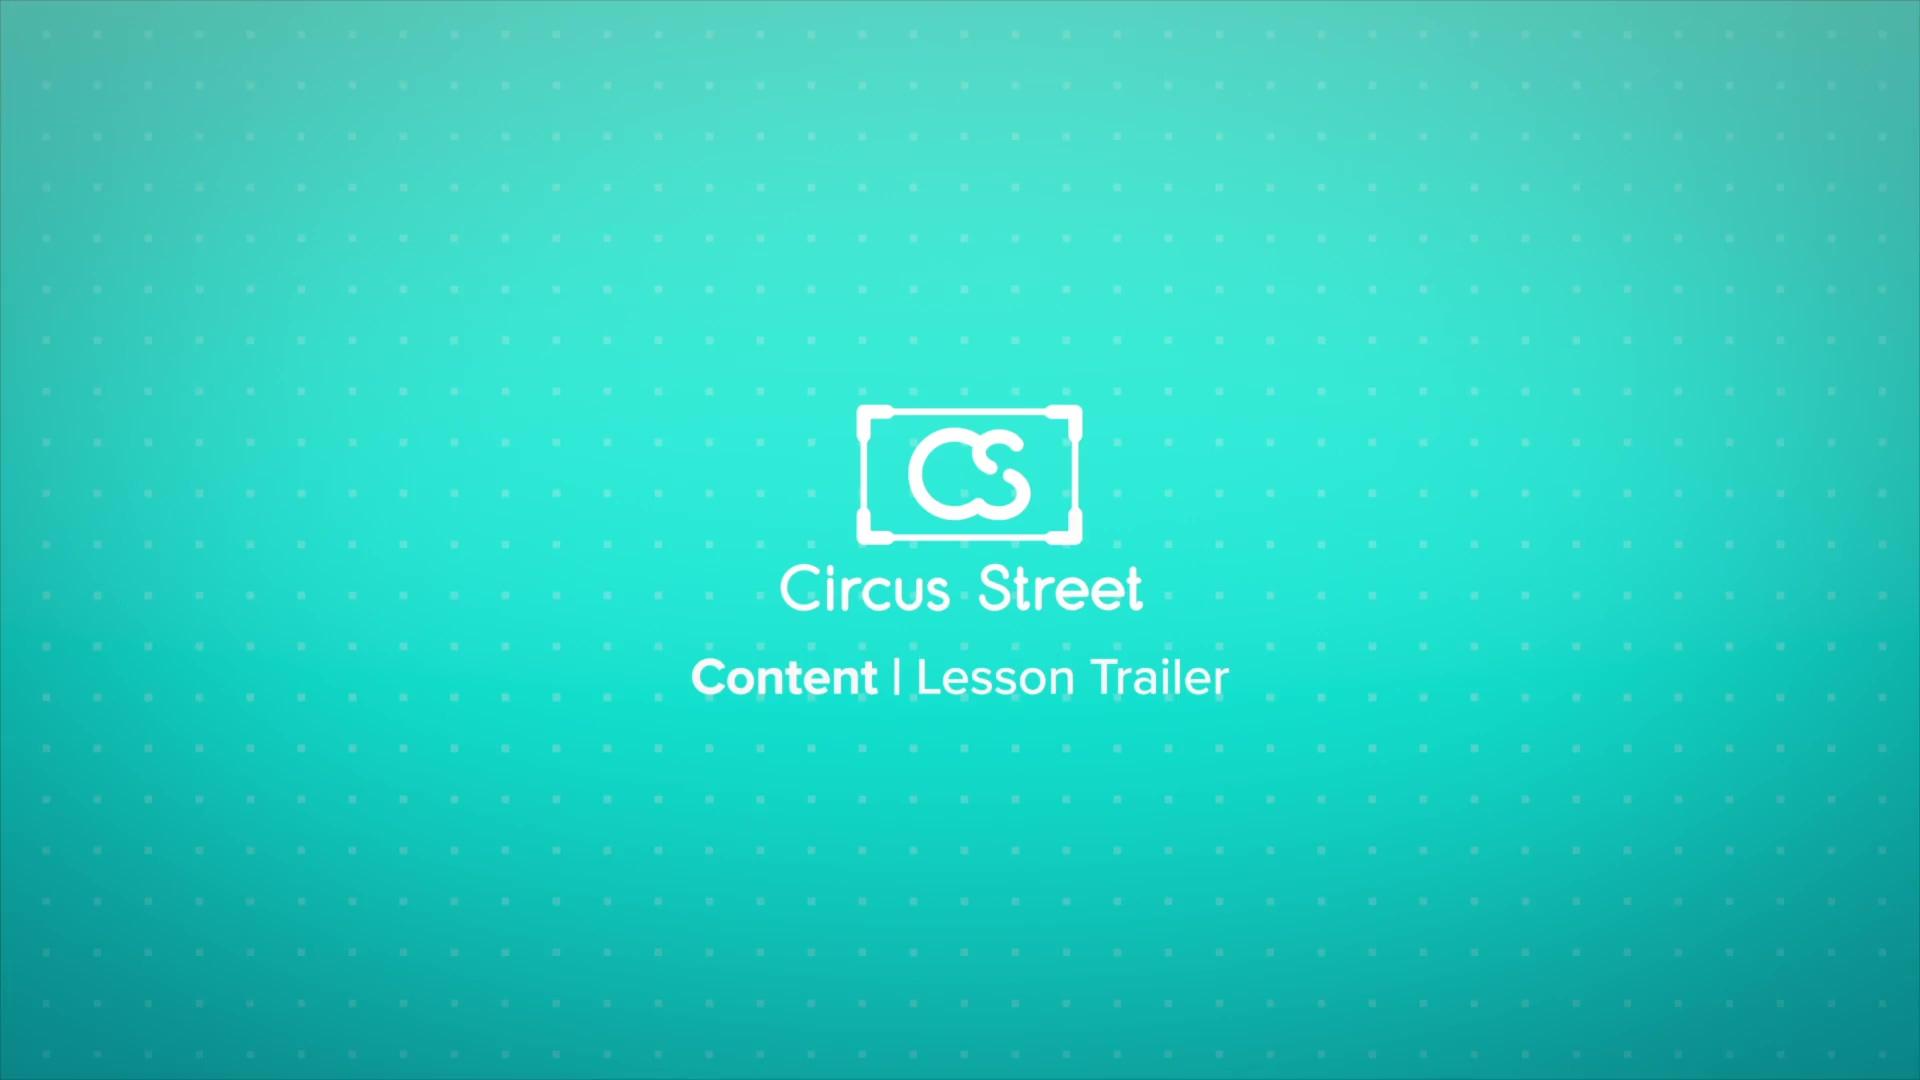 Content Trailer